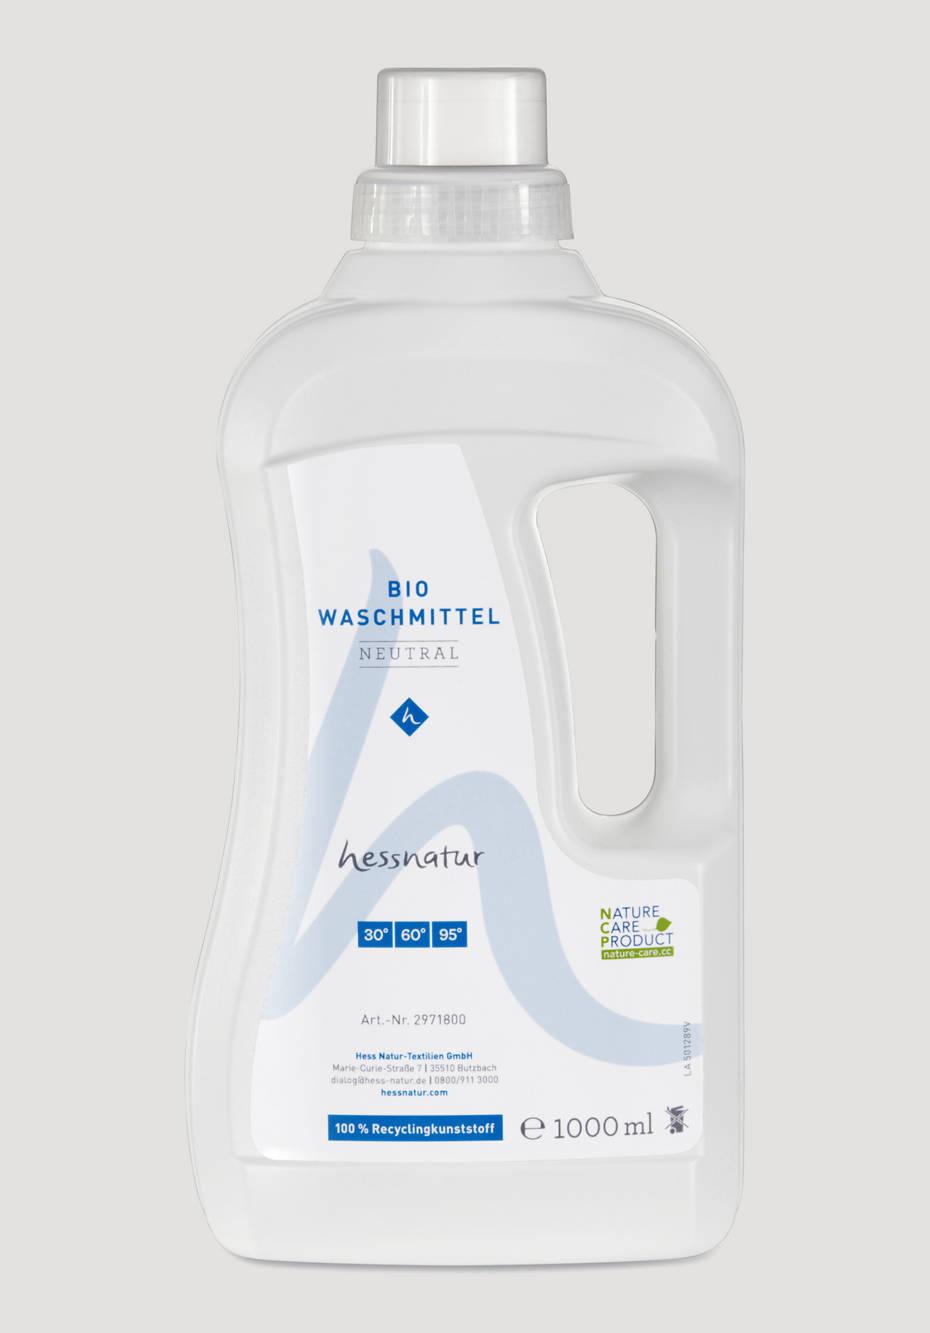 Bio-Waschmittel neutral für Baumwolle, Leinen und Hanf